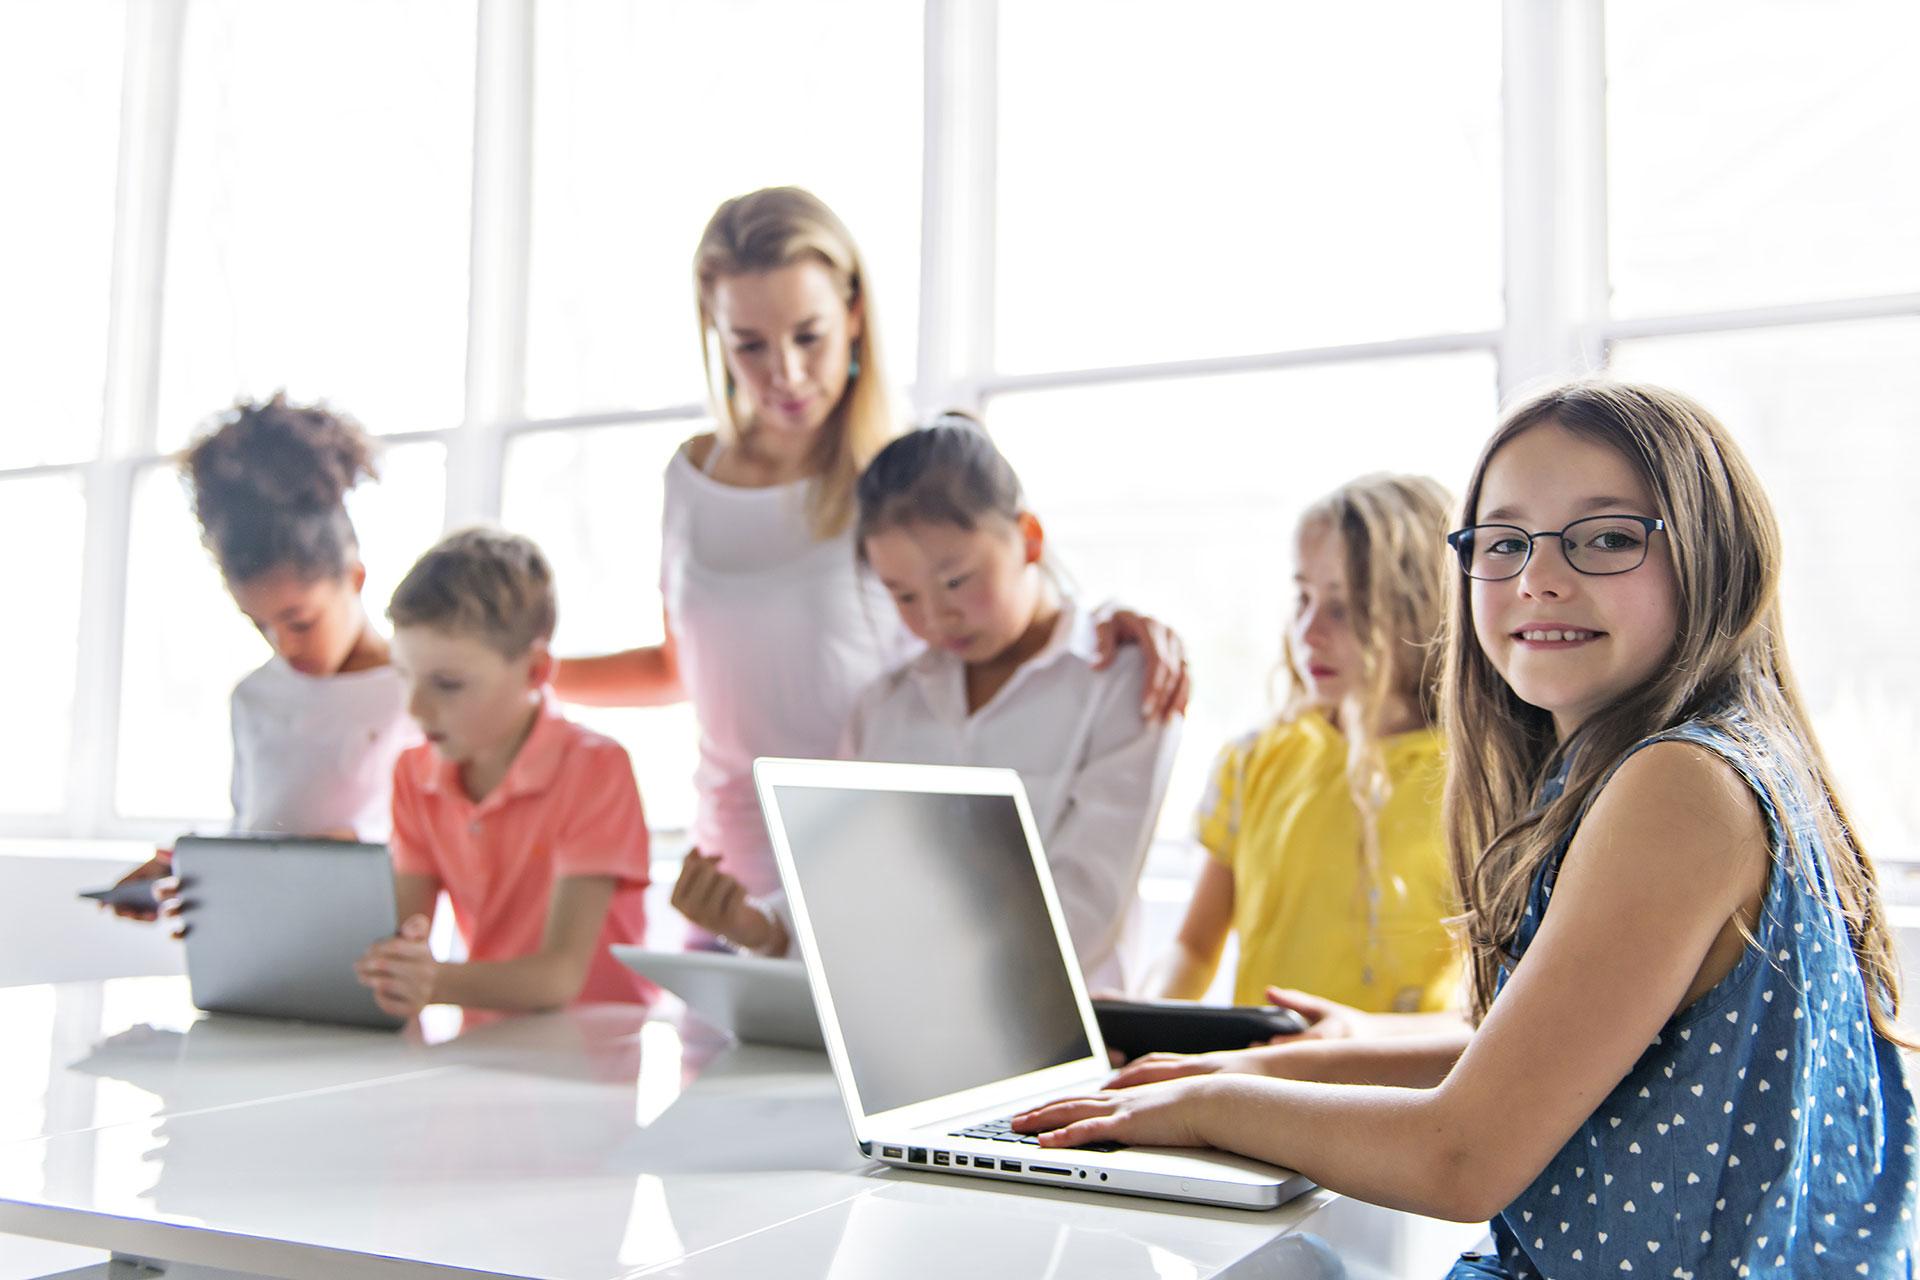 Schüler mit Lehrer im Hintergrund und Laptop